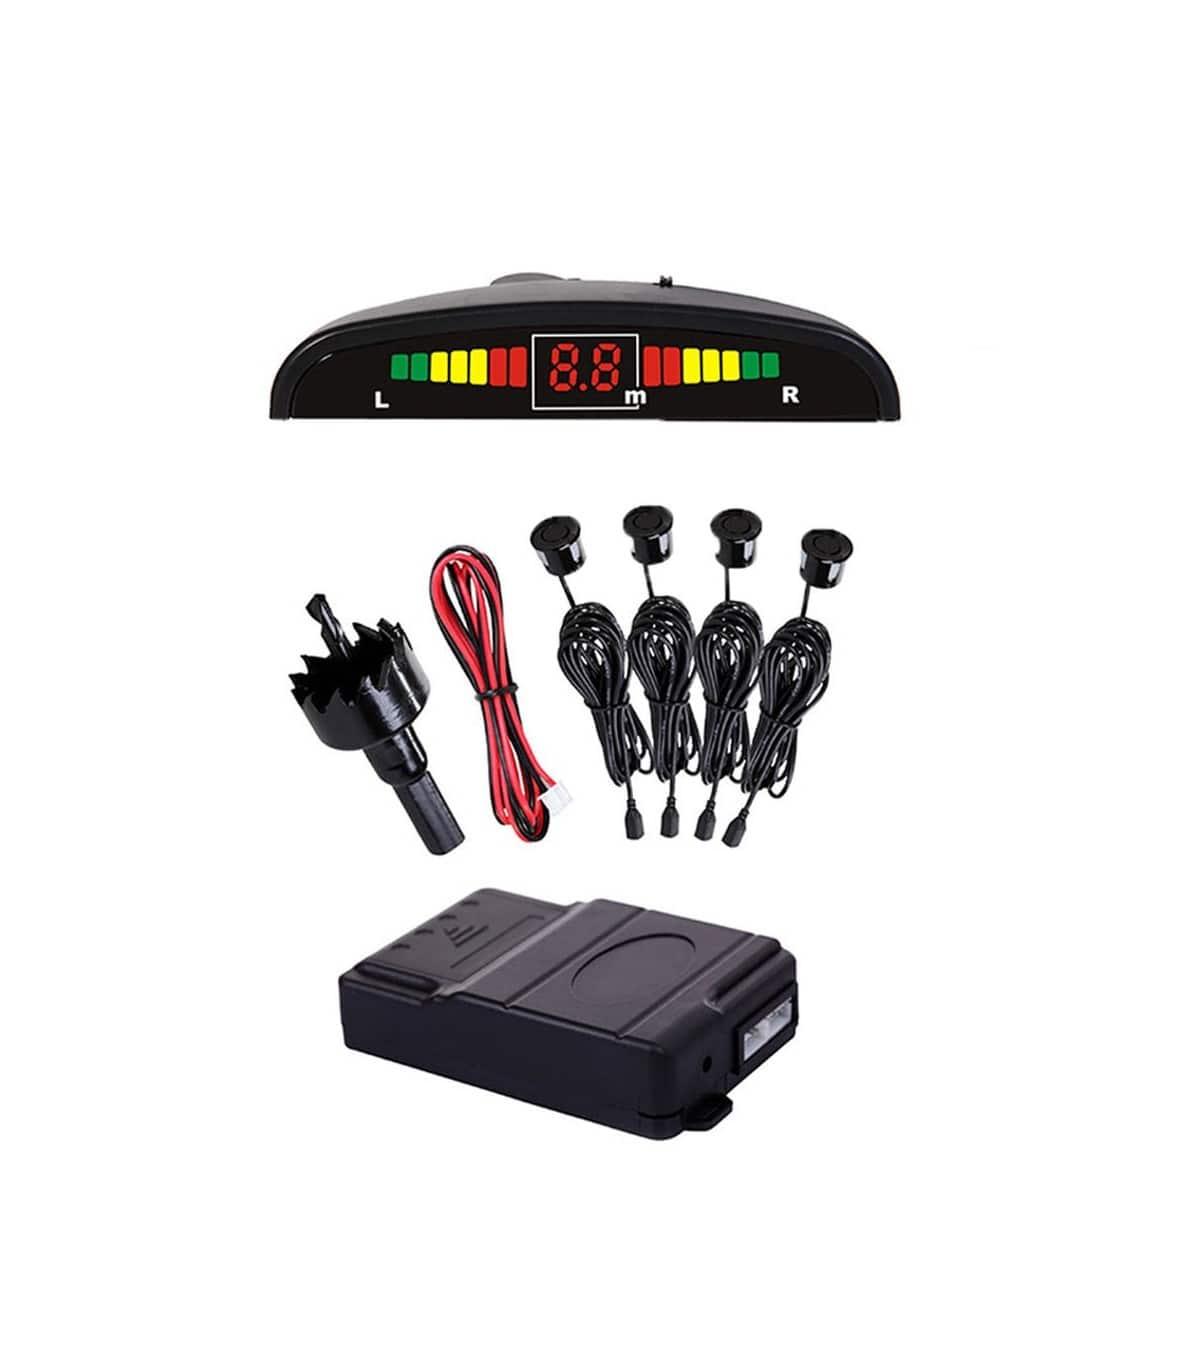 سنسور دنده عقب خودرو چیست و چه کاربردی دارد -4